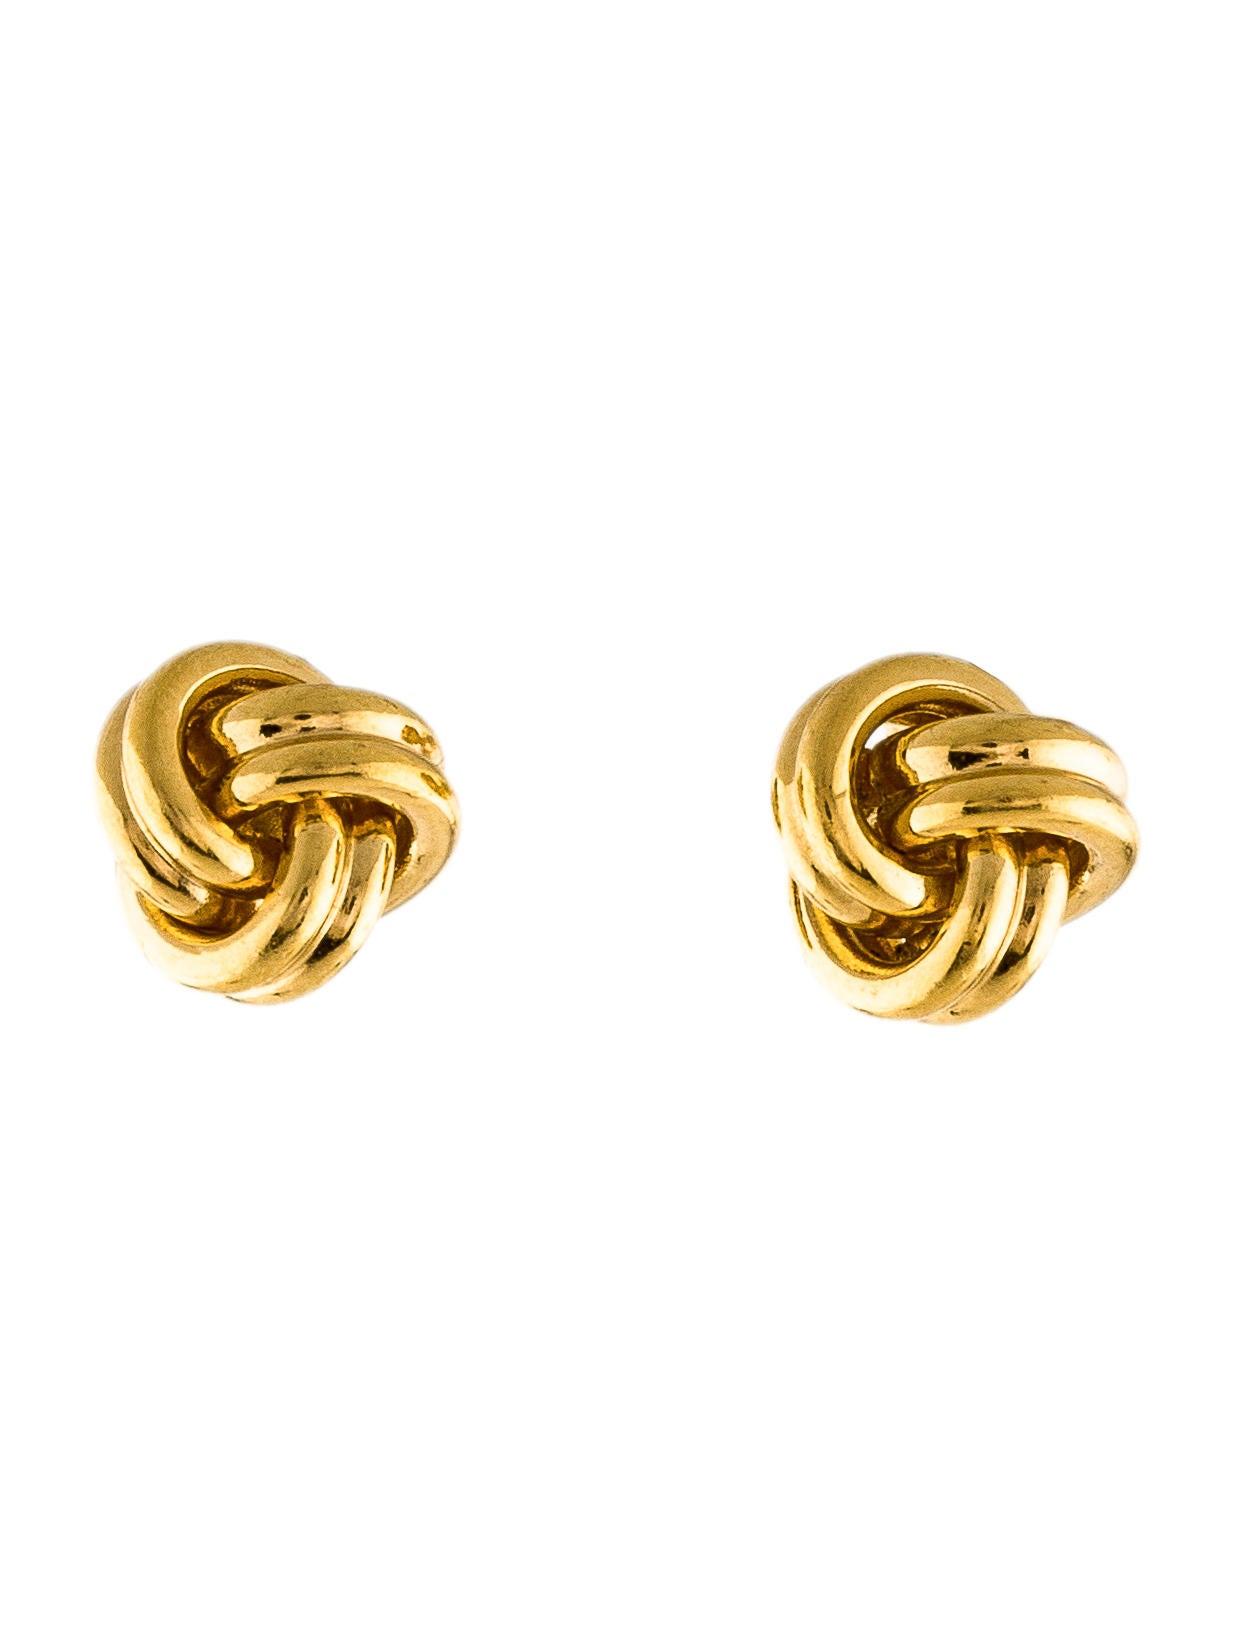 Tiffany Amp Co 18k Knot Stud Earrings Earrings Tif58571